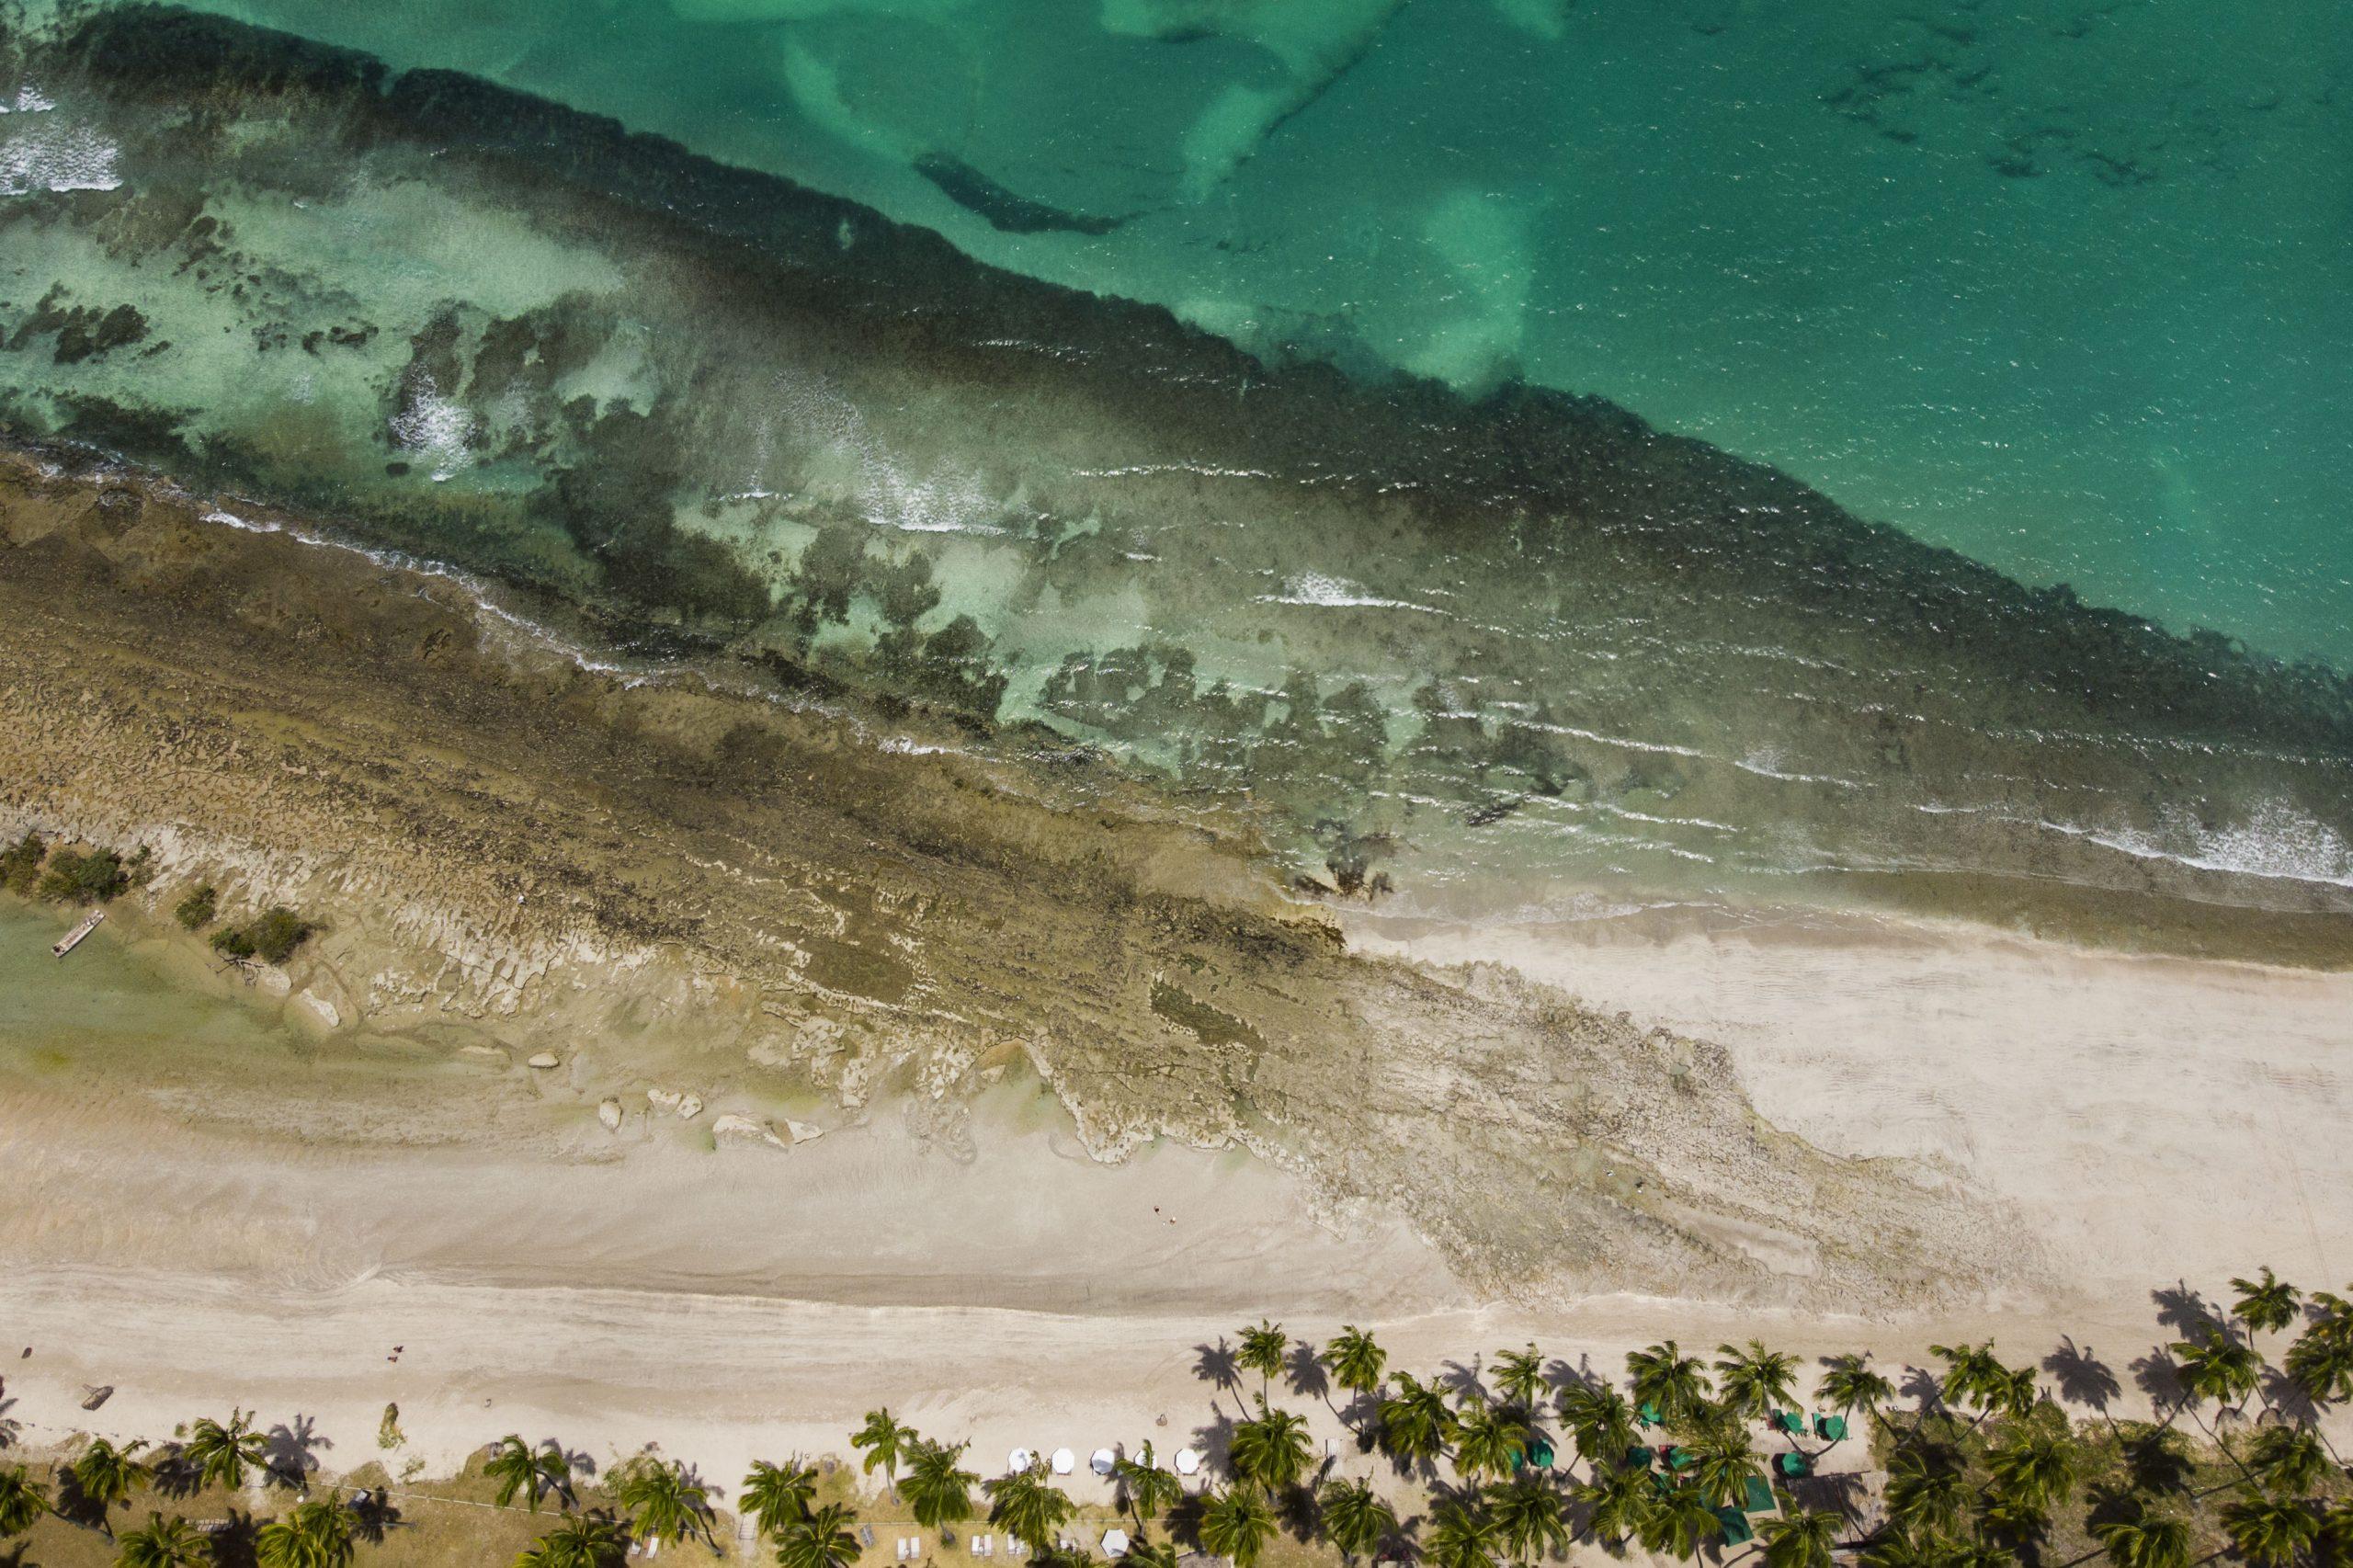 Imagens gerais no mangue e na costa de corais da foz do Rio Formoso, na praia de Carneiros em Tamandaré, PE